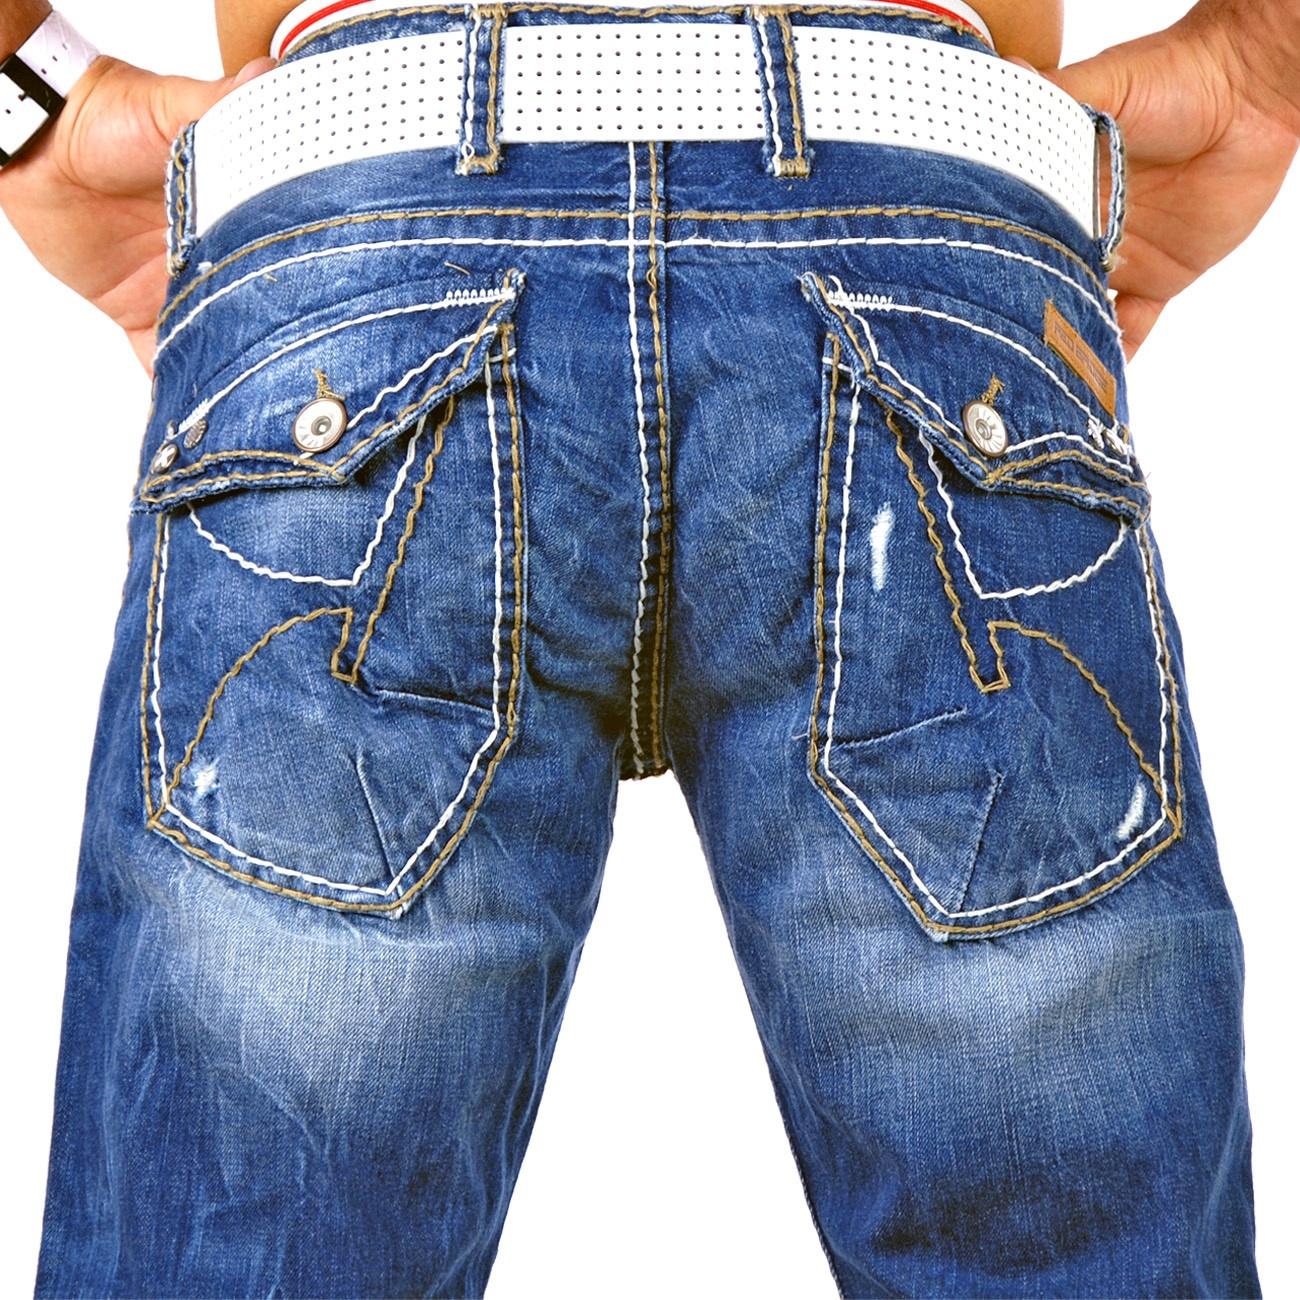 redbridge rb 136 klapptaschen herren jeanshose jeans hose blau sale neuss. Black Bedroom Furniture Sets. Home Design Ideas